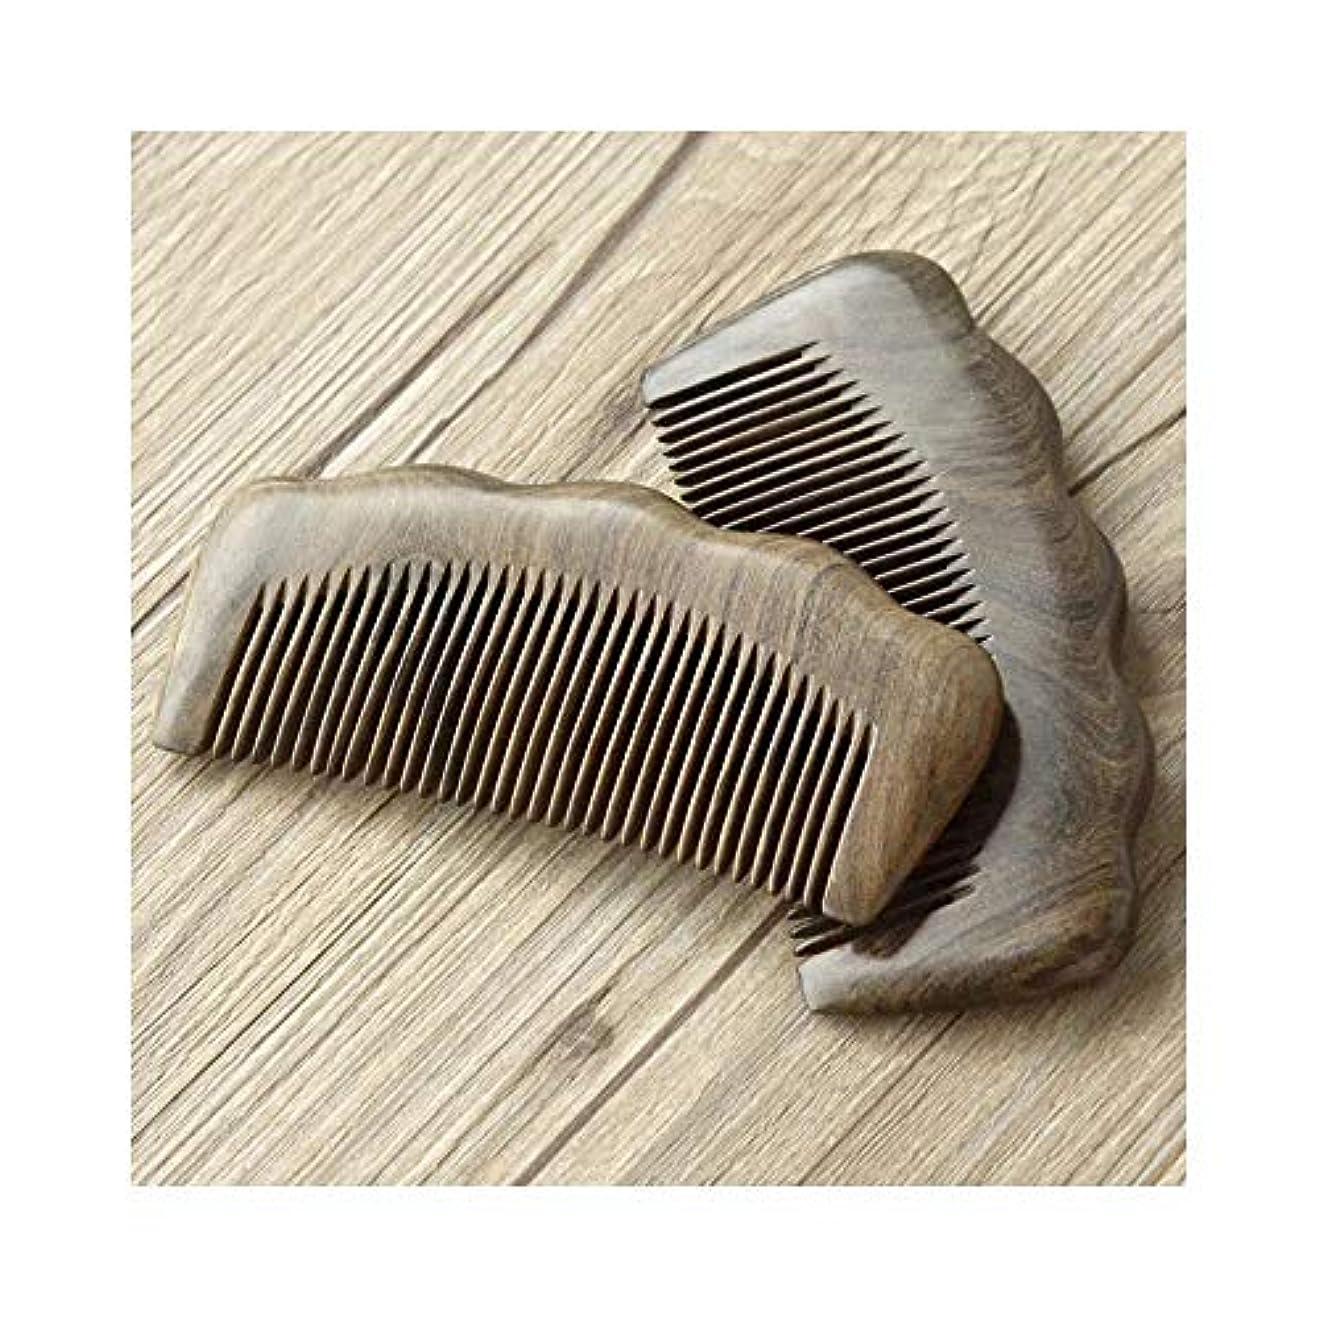 無一文メール重要なFashianナチュラルサンダルウッドコーム - 全歯と手作りの木製くし静電気防止コーム ヘアケア (色 : 81247)